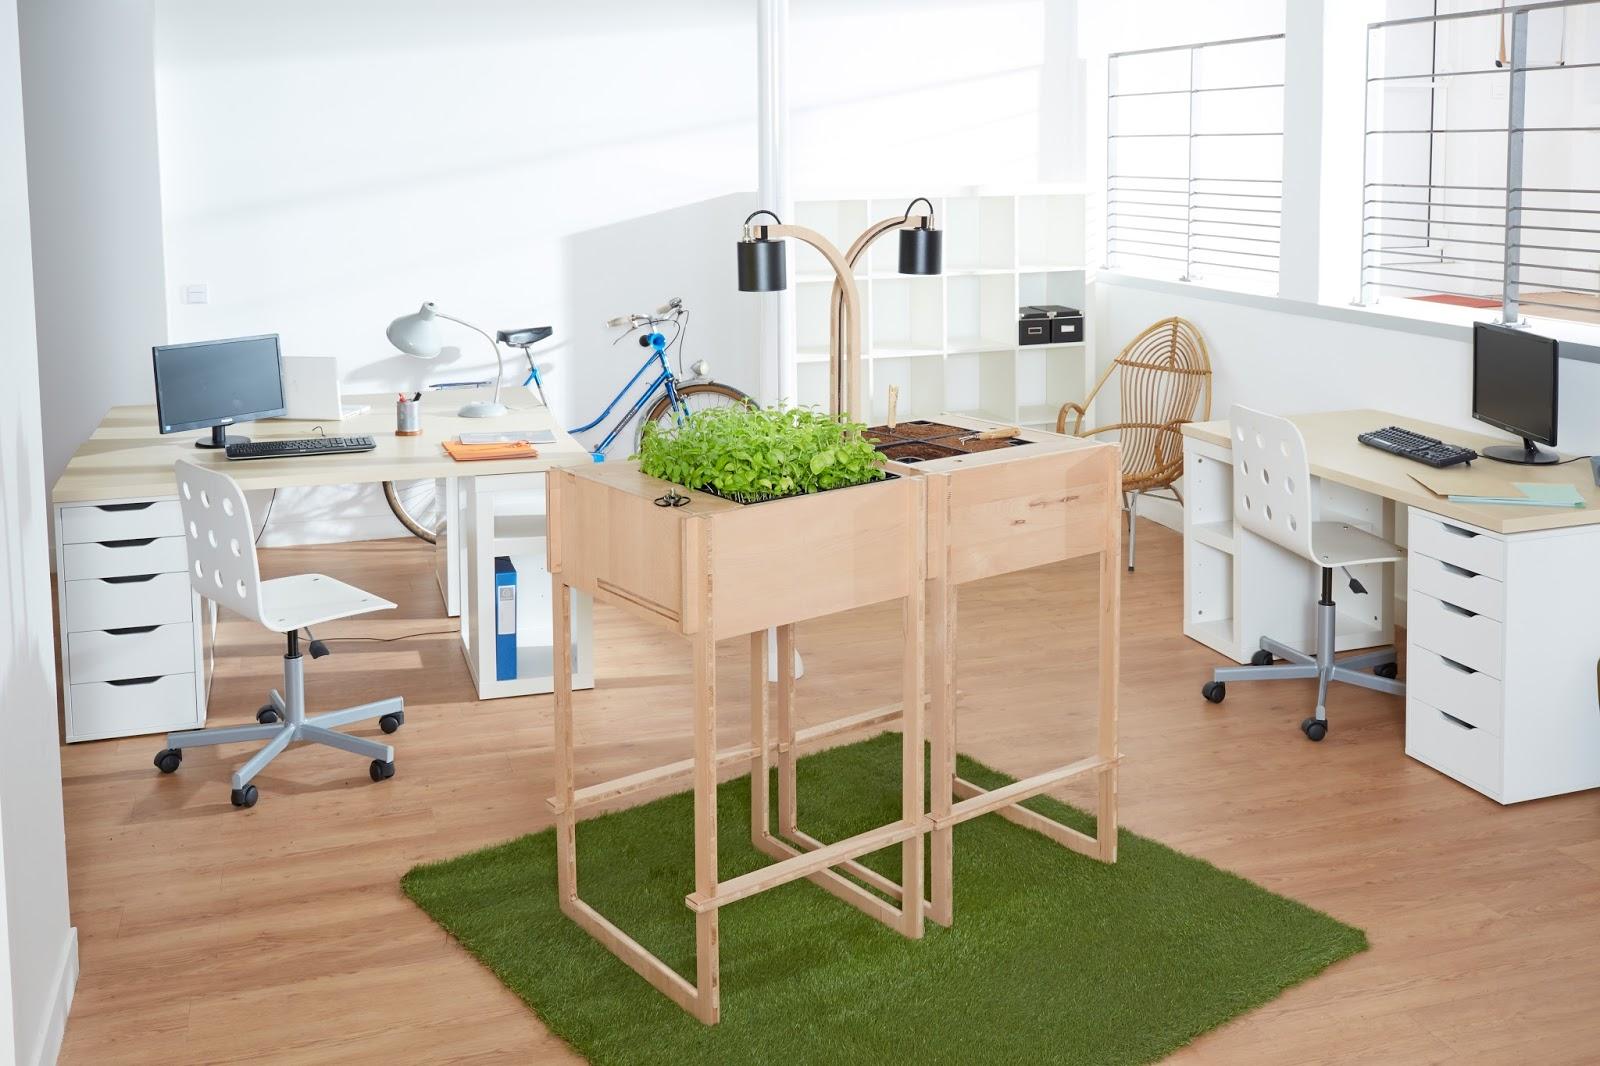 Ufficio Piccolo Arredo : Idee arredo ufficio cool idee arredo ufficio idee per camera da